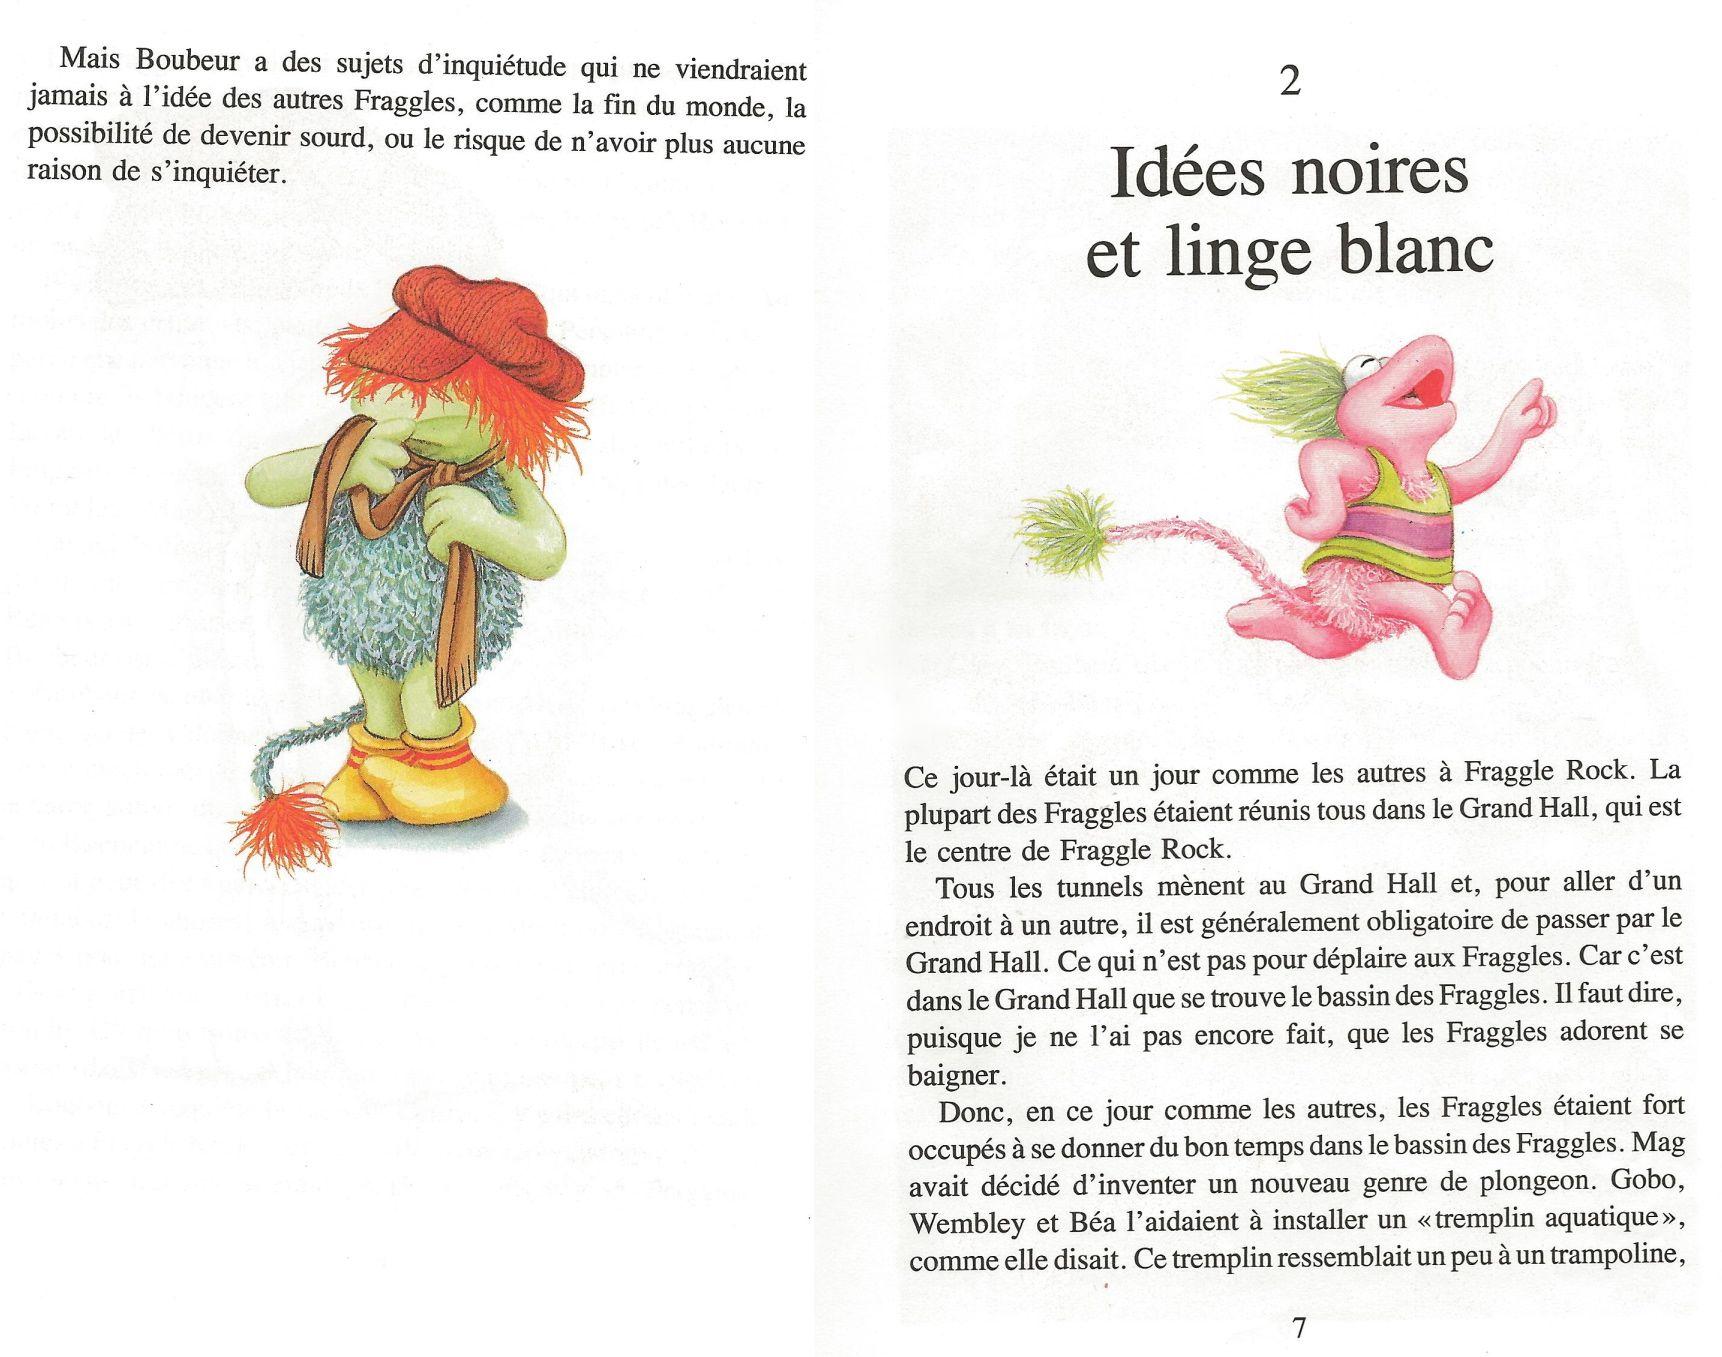 http://grenierdelatv.free.fr/2/fraggleboubeur04.jpg